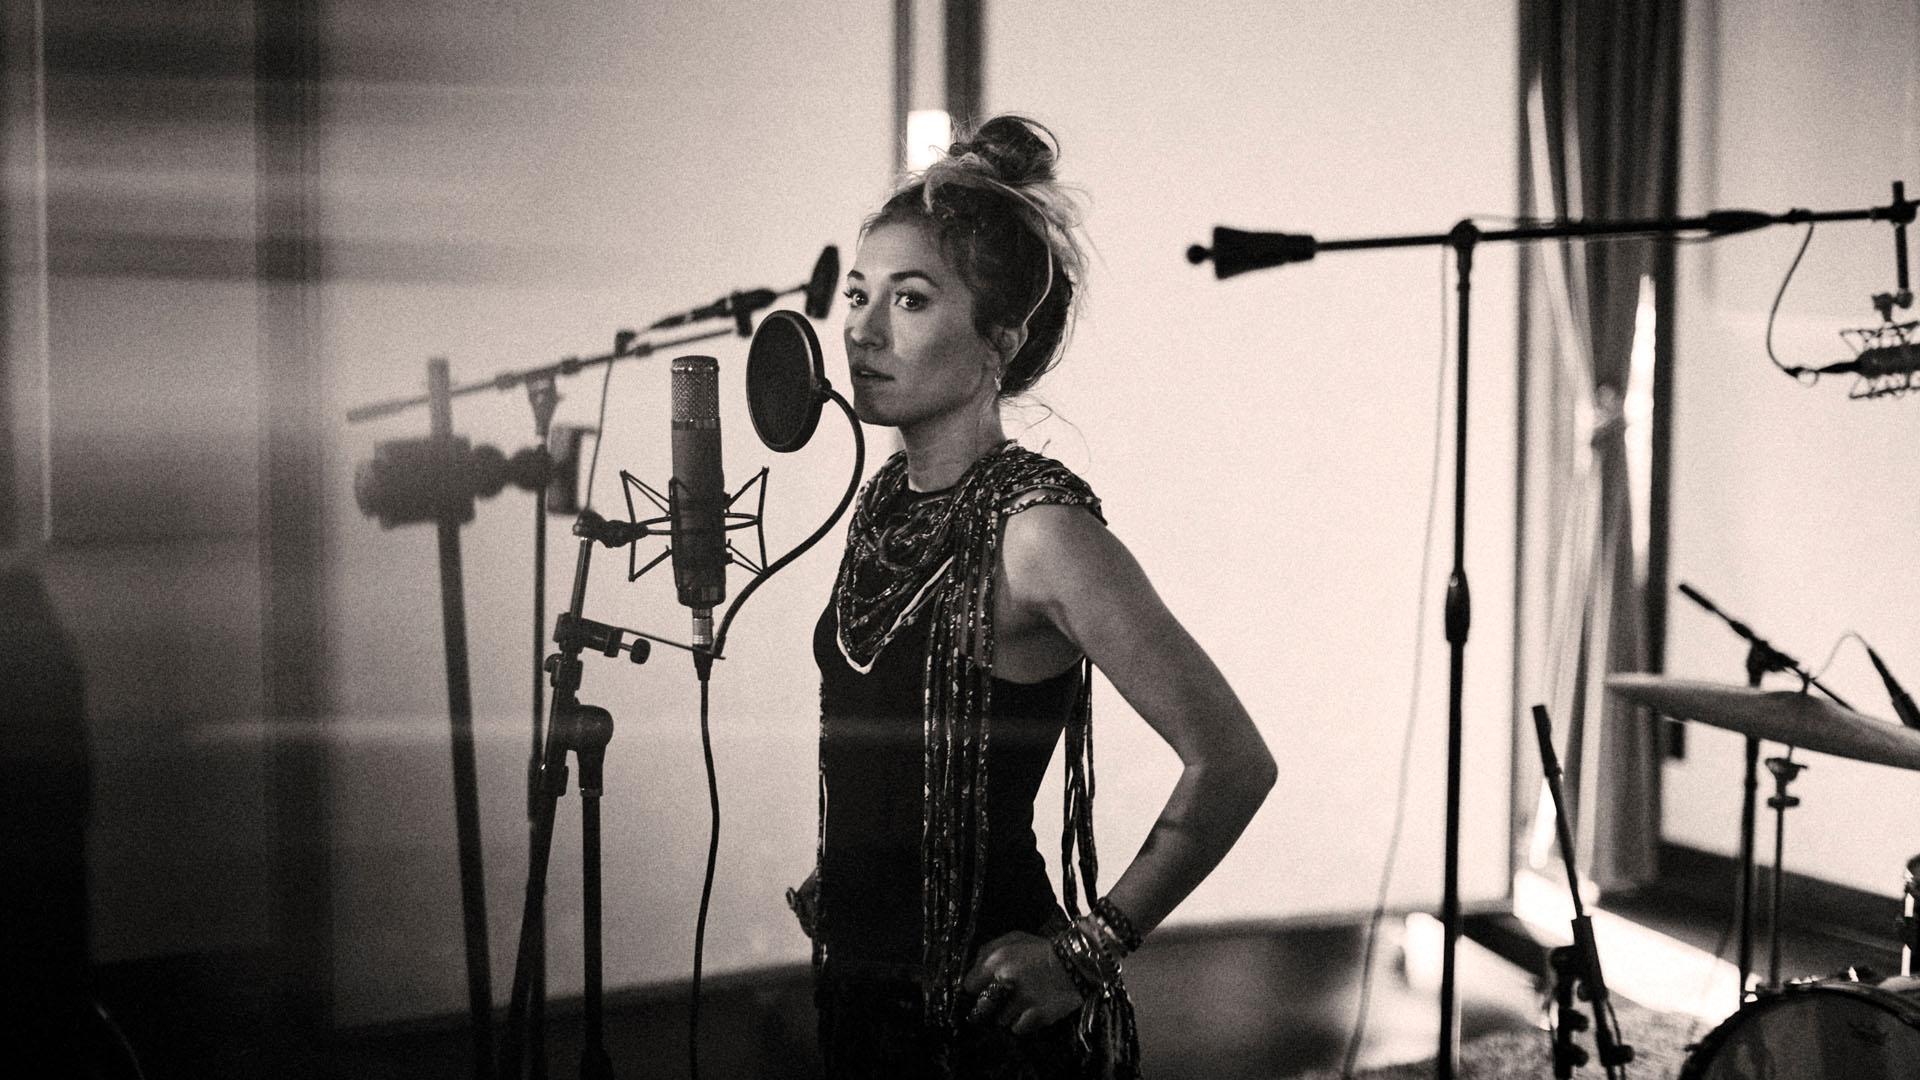 Lauren Daigle am Aufnahmemikrofon: Die Künstlerin hat bislang drei Studioalben veröffentlicht